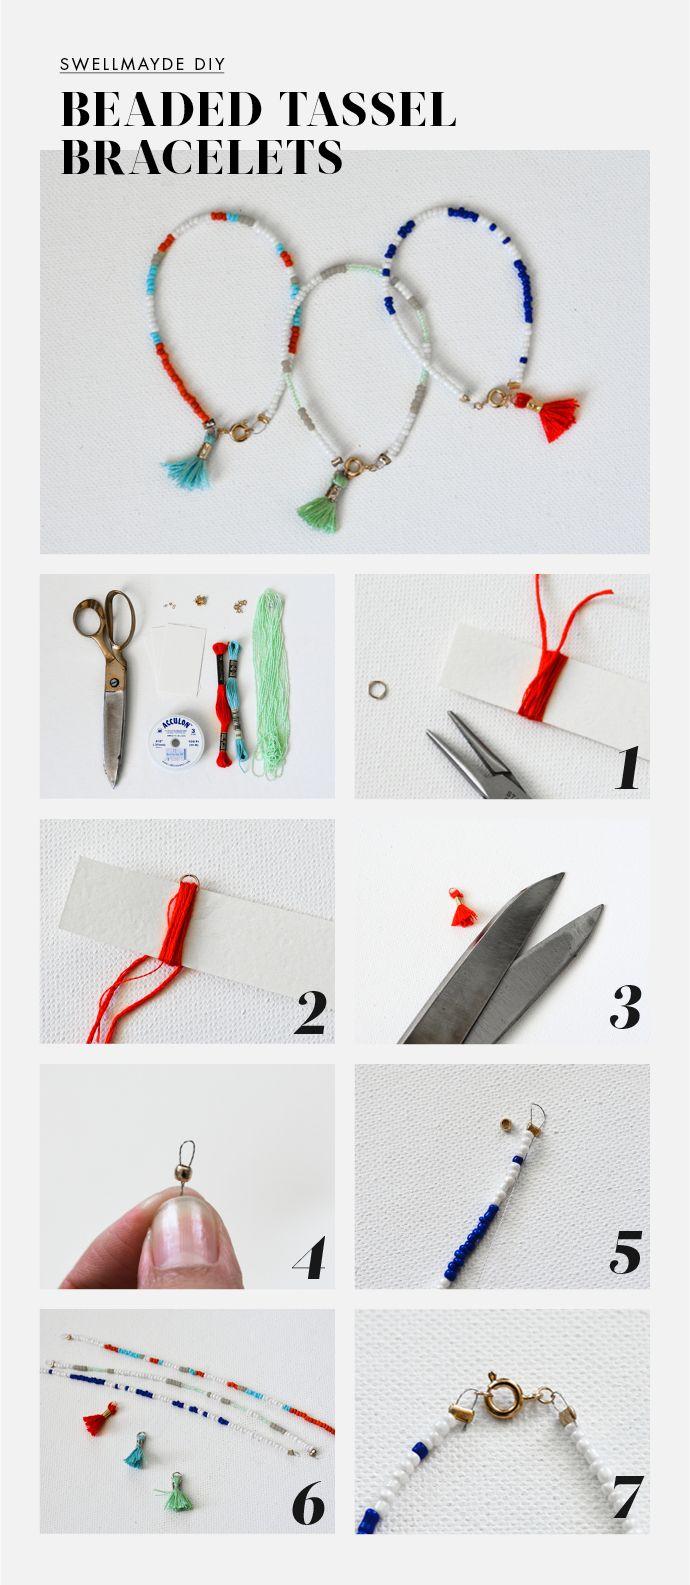 DIY | BEADED TASSEL BRACELETS